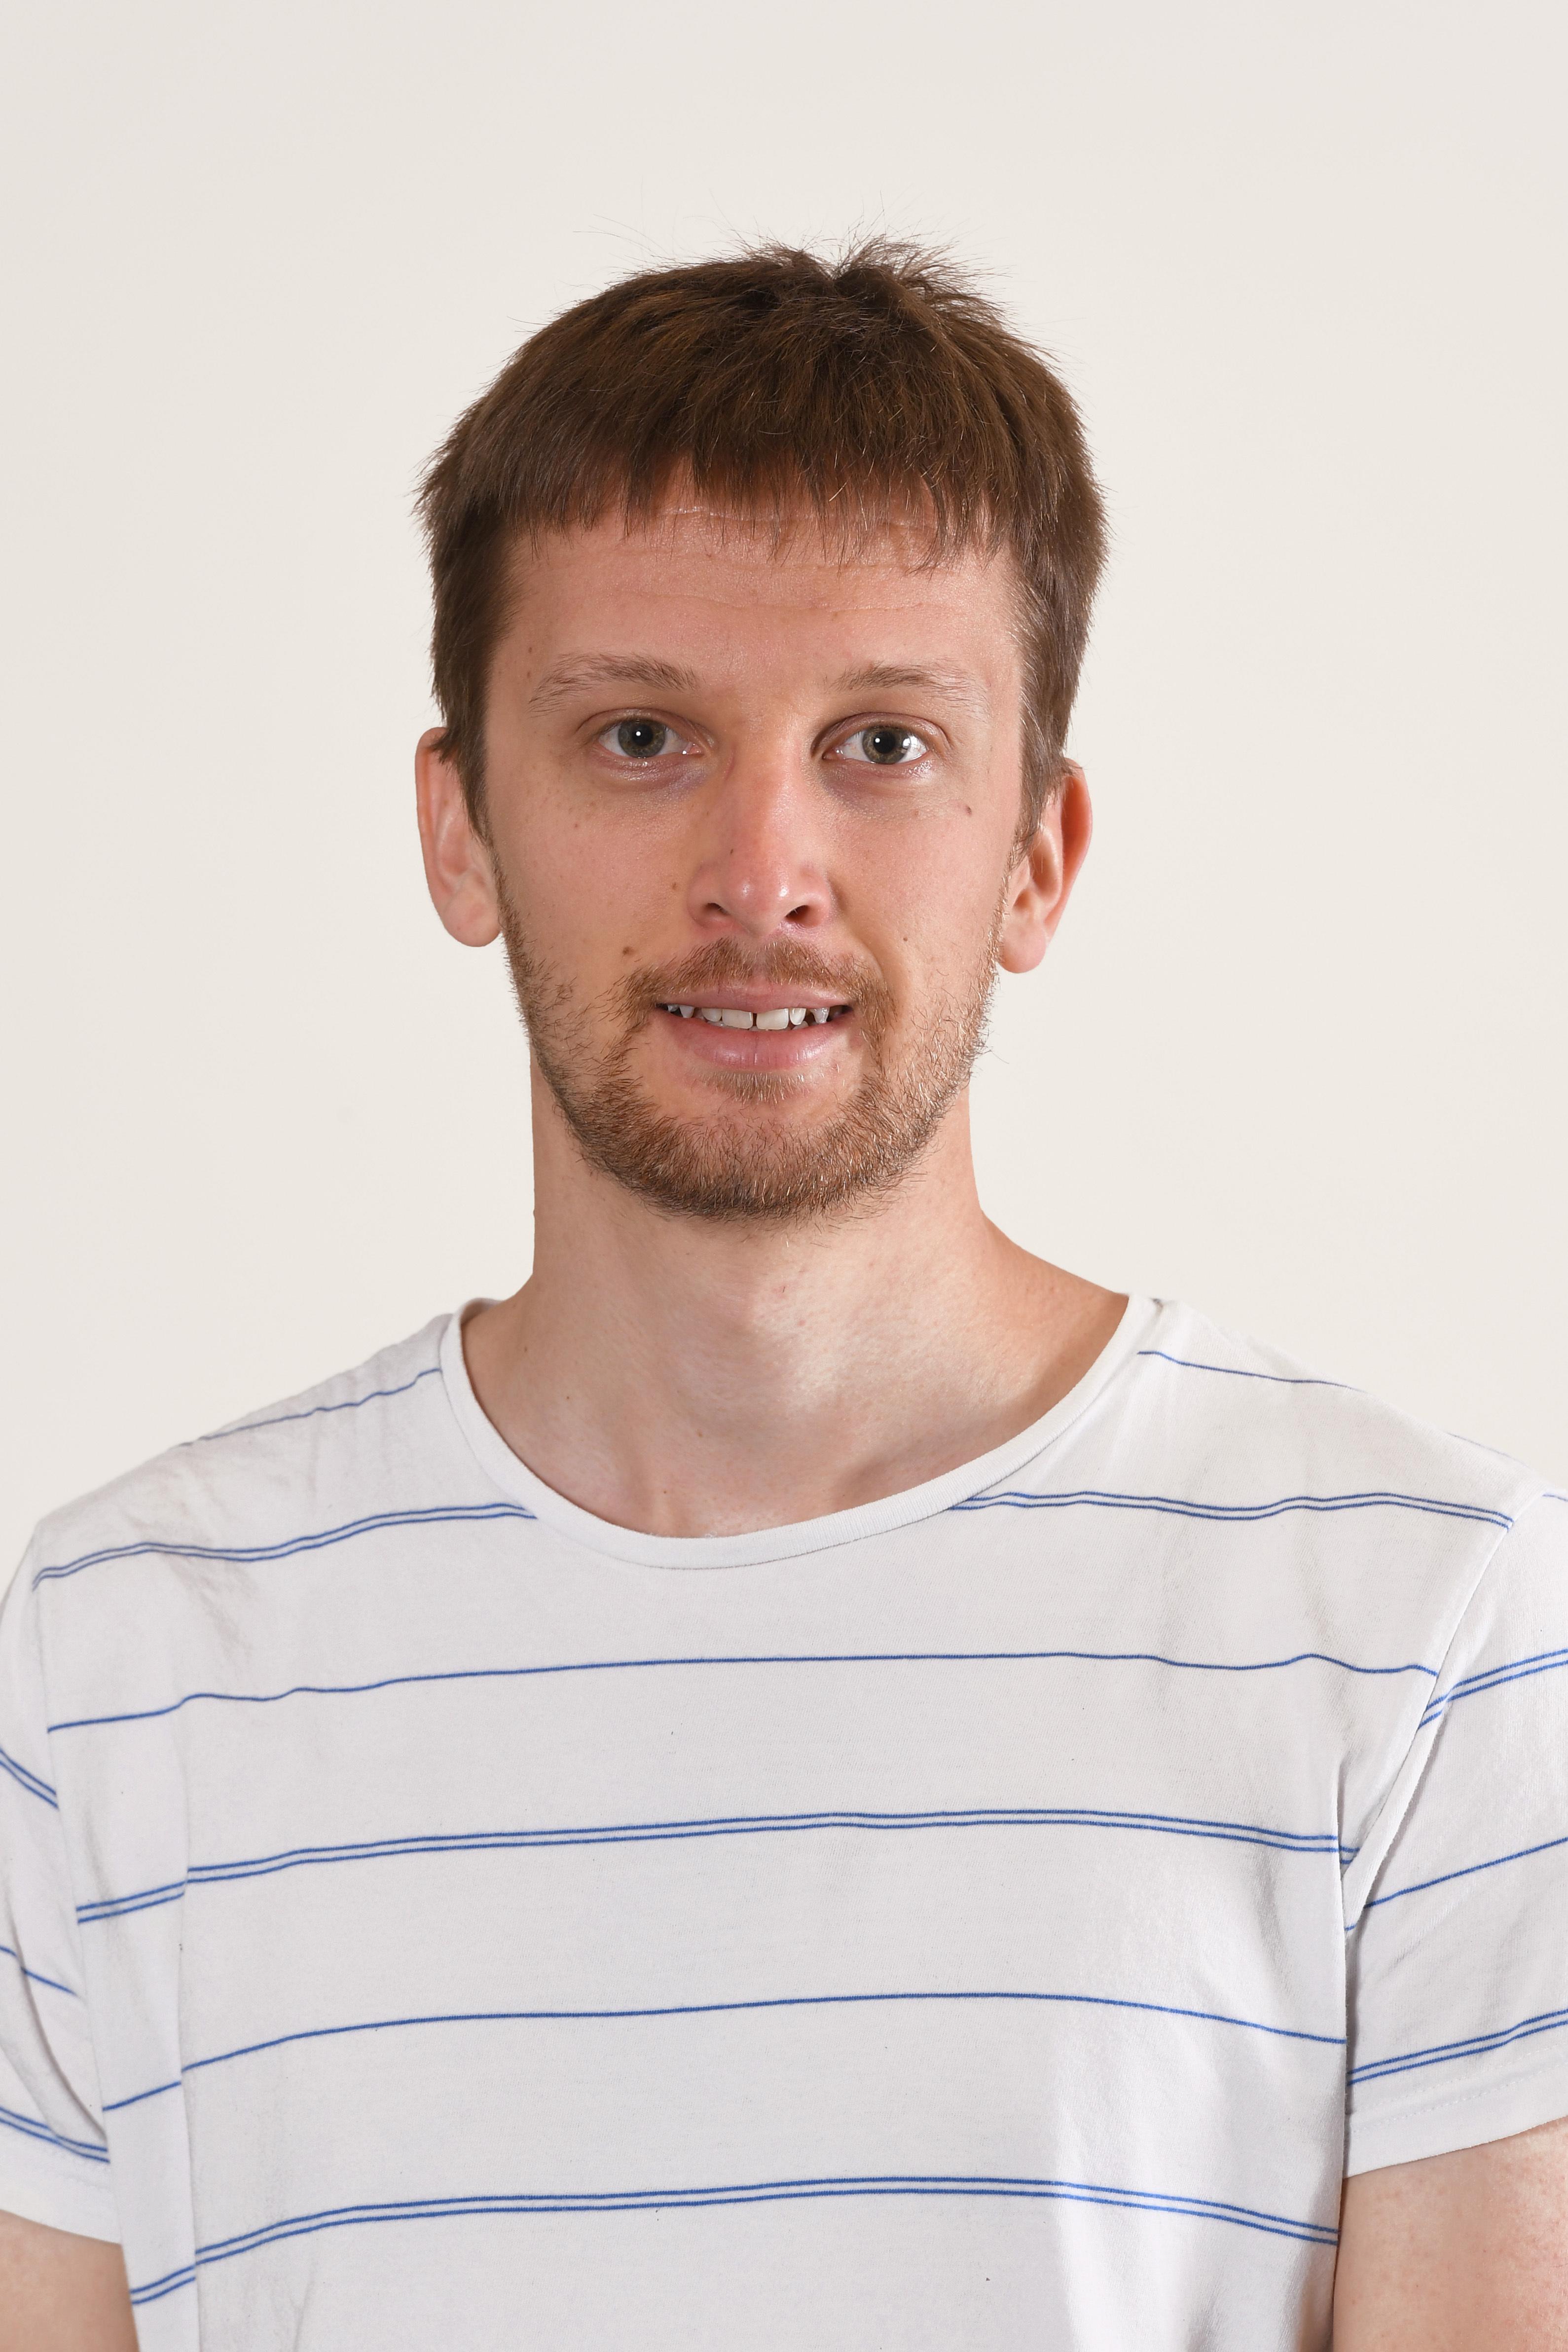 Richard Sanger